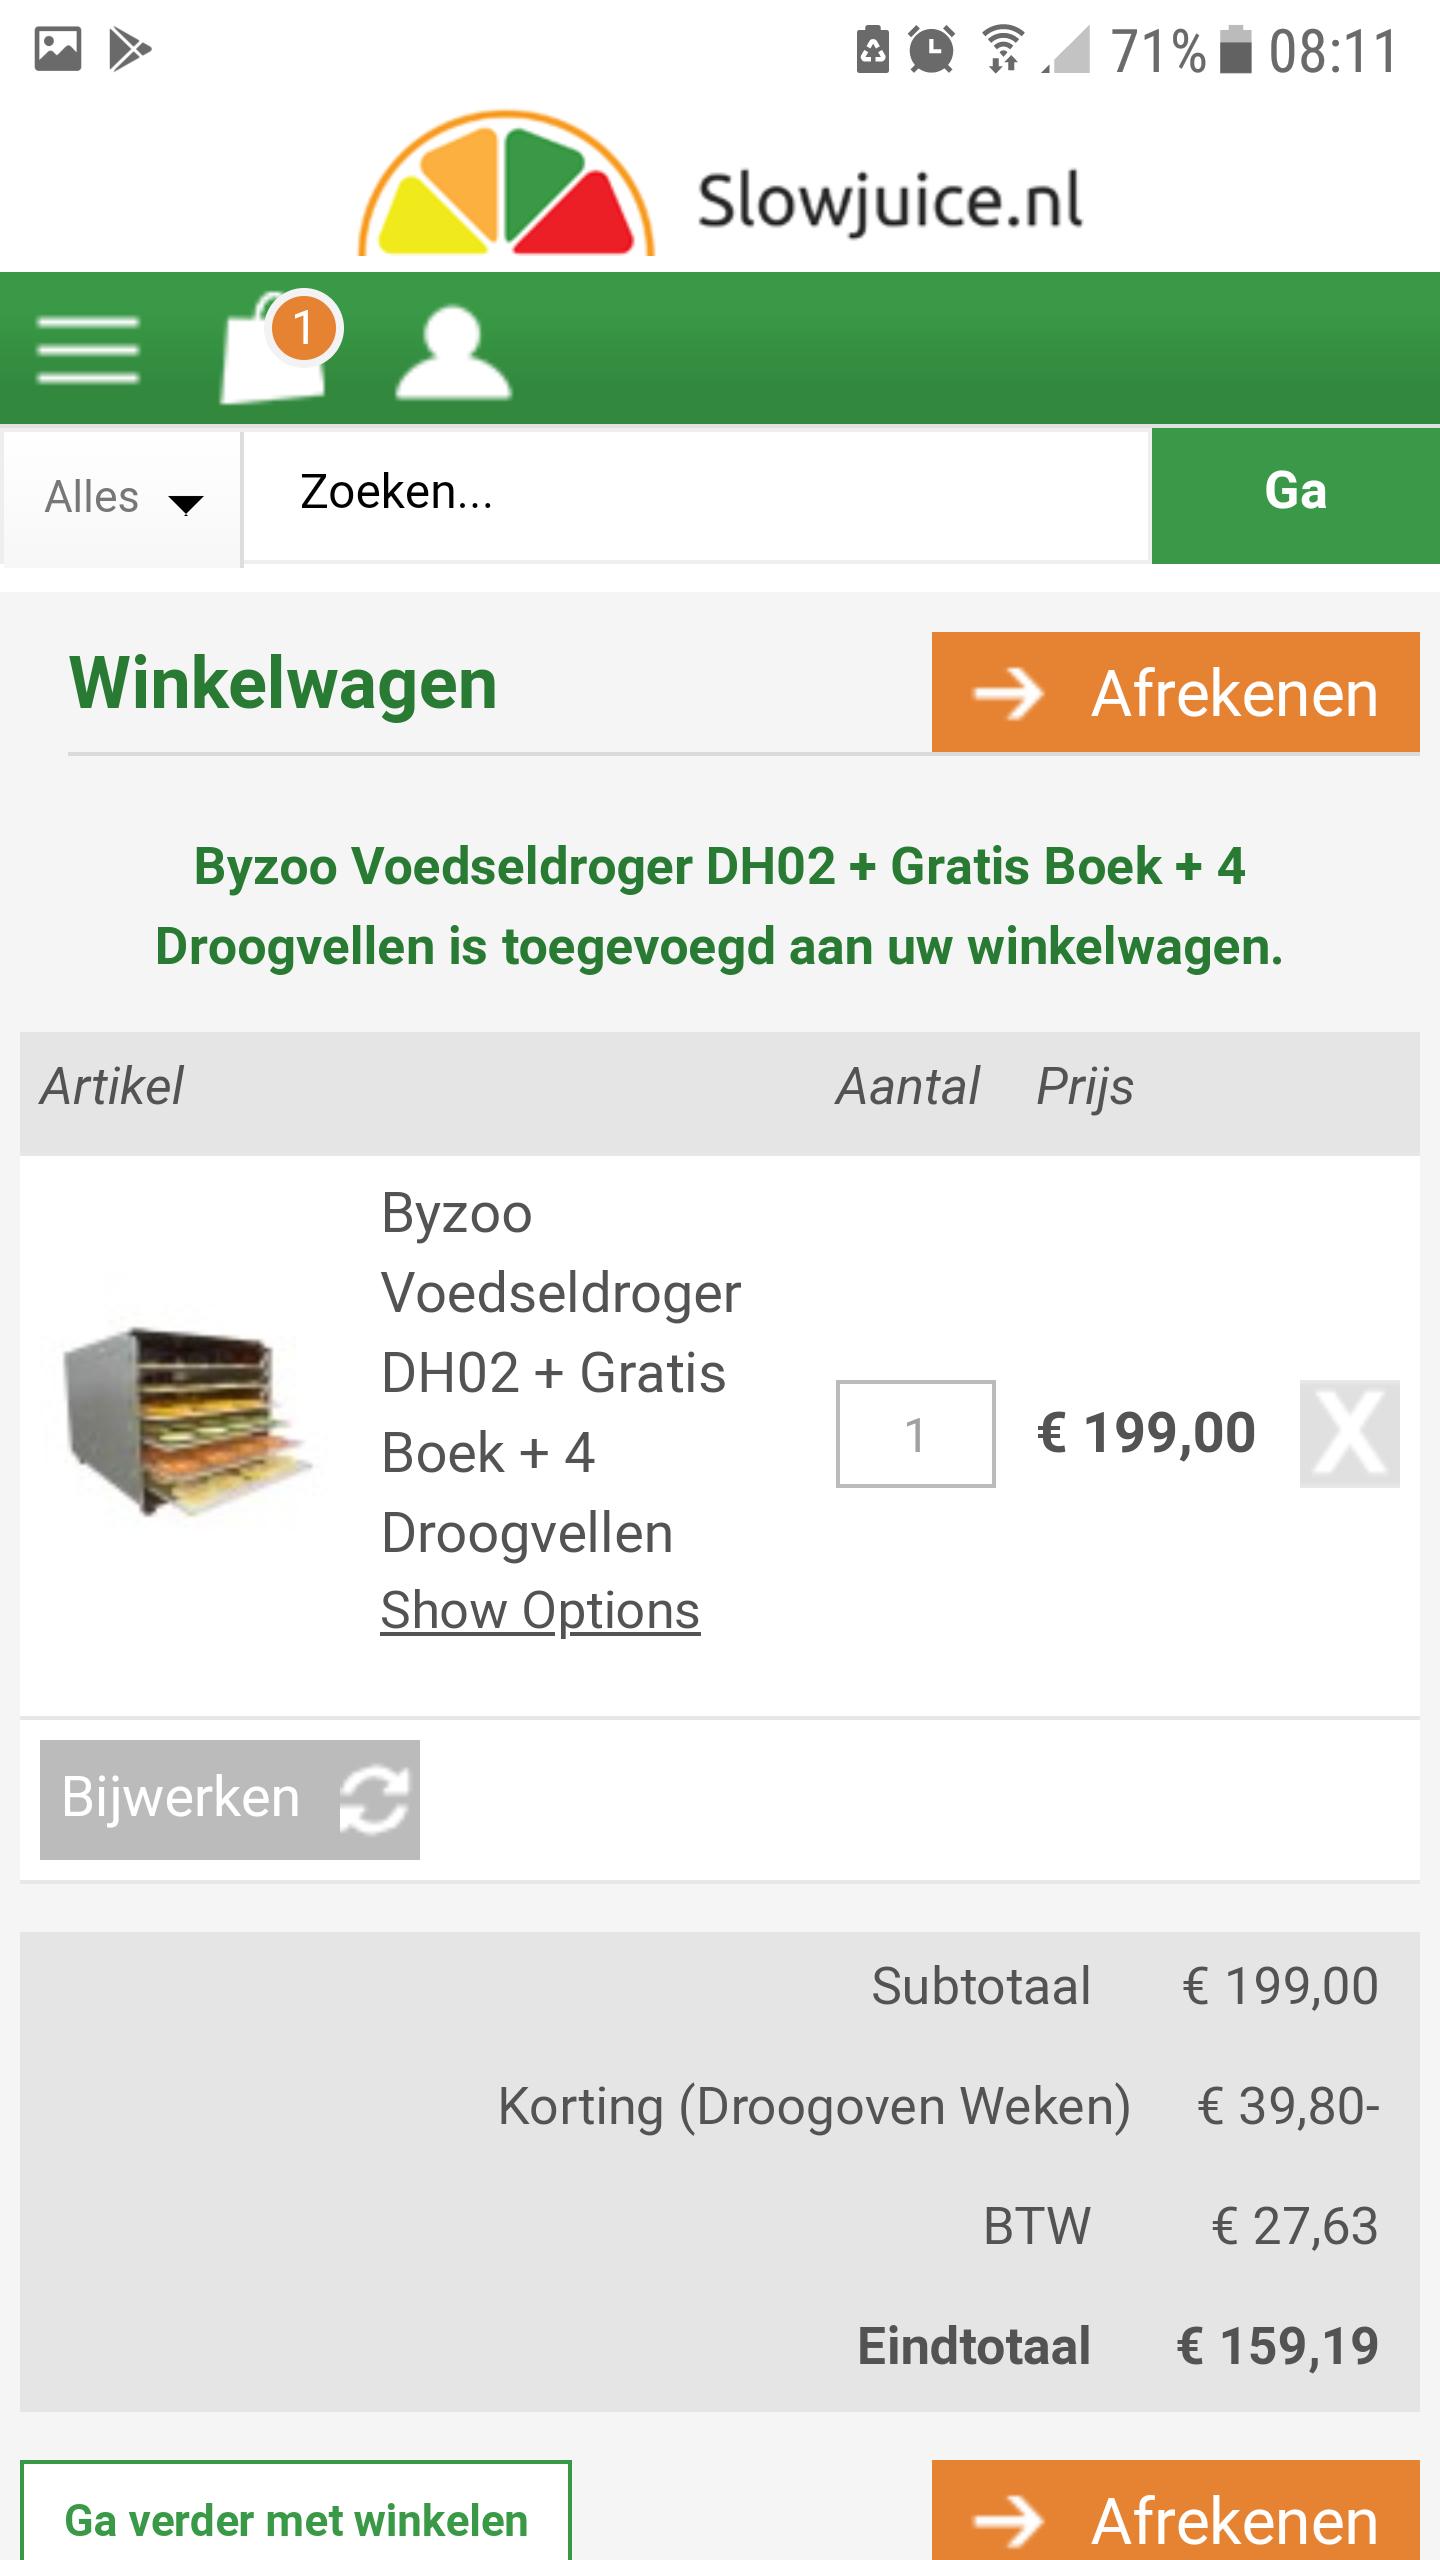 20% extra korting op Droogovens / voedseldrogers @ Slowjuice